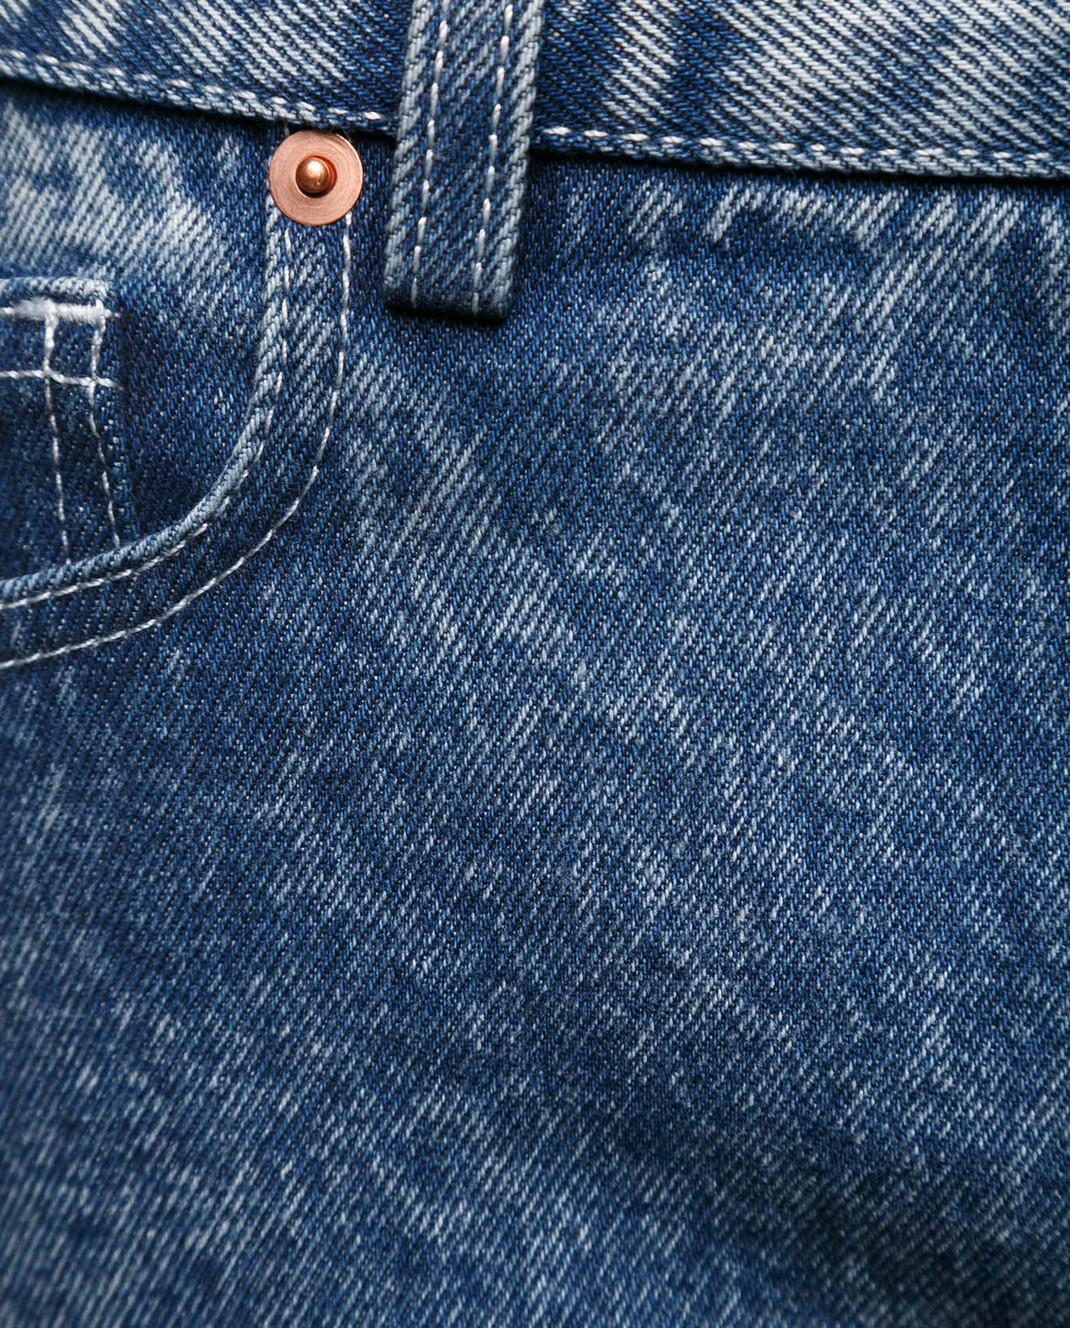 Gucci Синие джинсы 524365 изображение 5